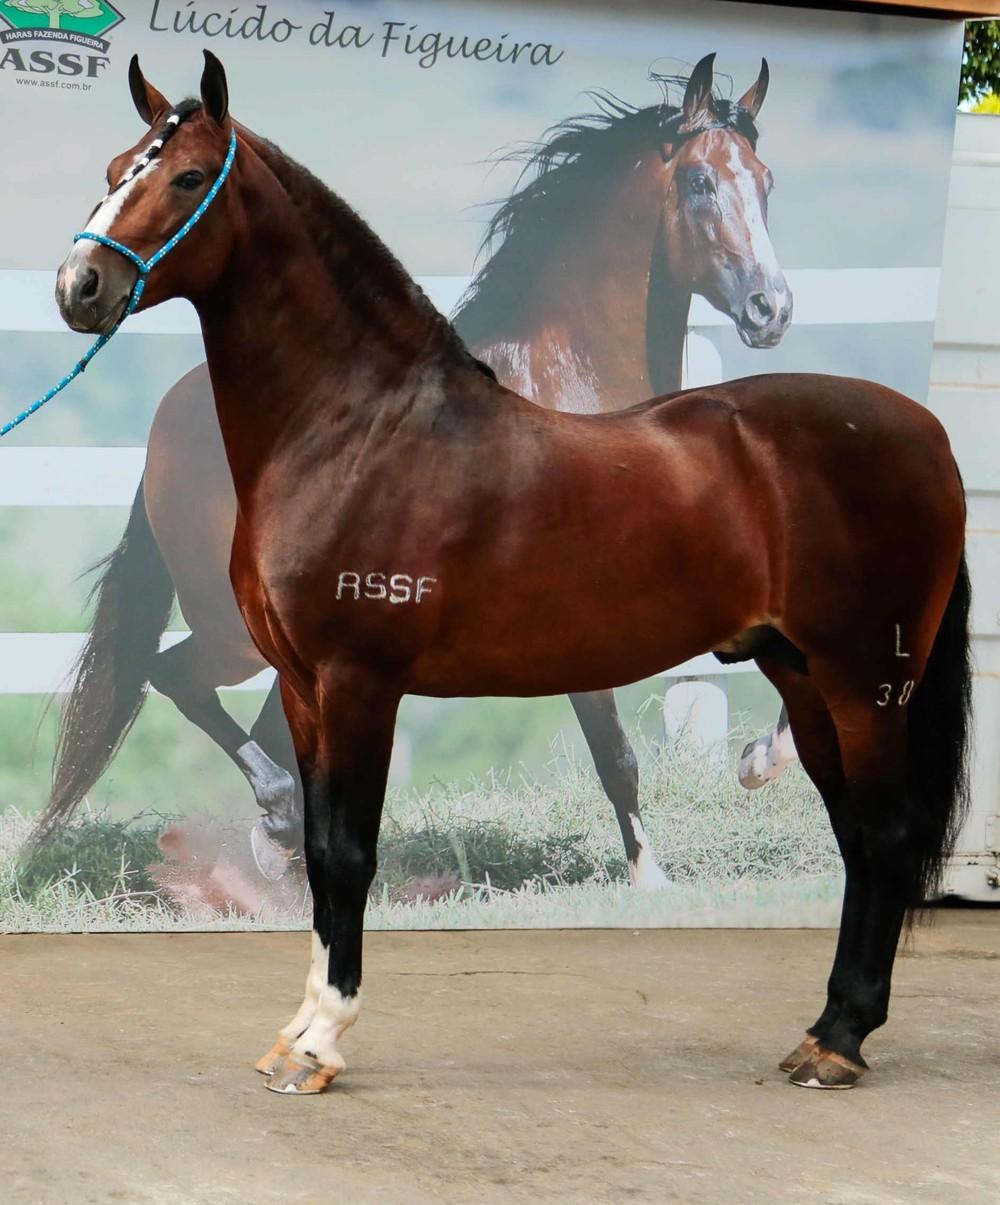 Cavalo que vale mais que uma Ferrari é destaque em exposição de Belo Horizonte